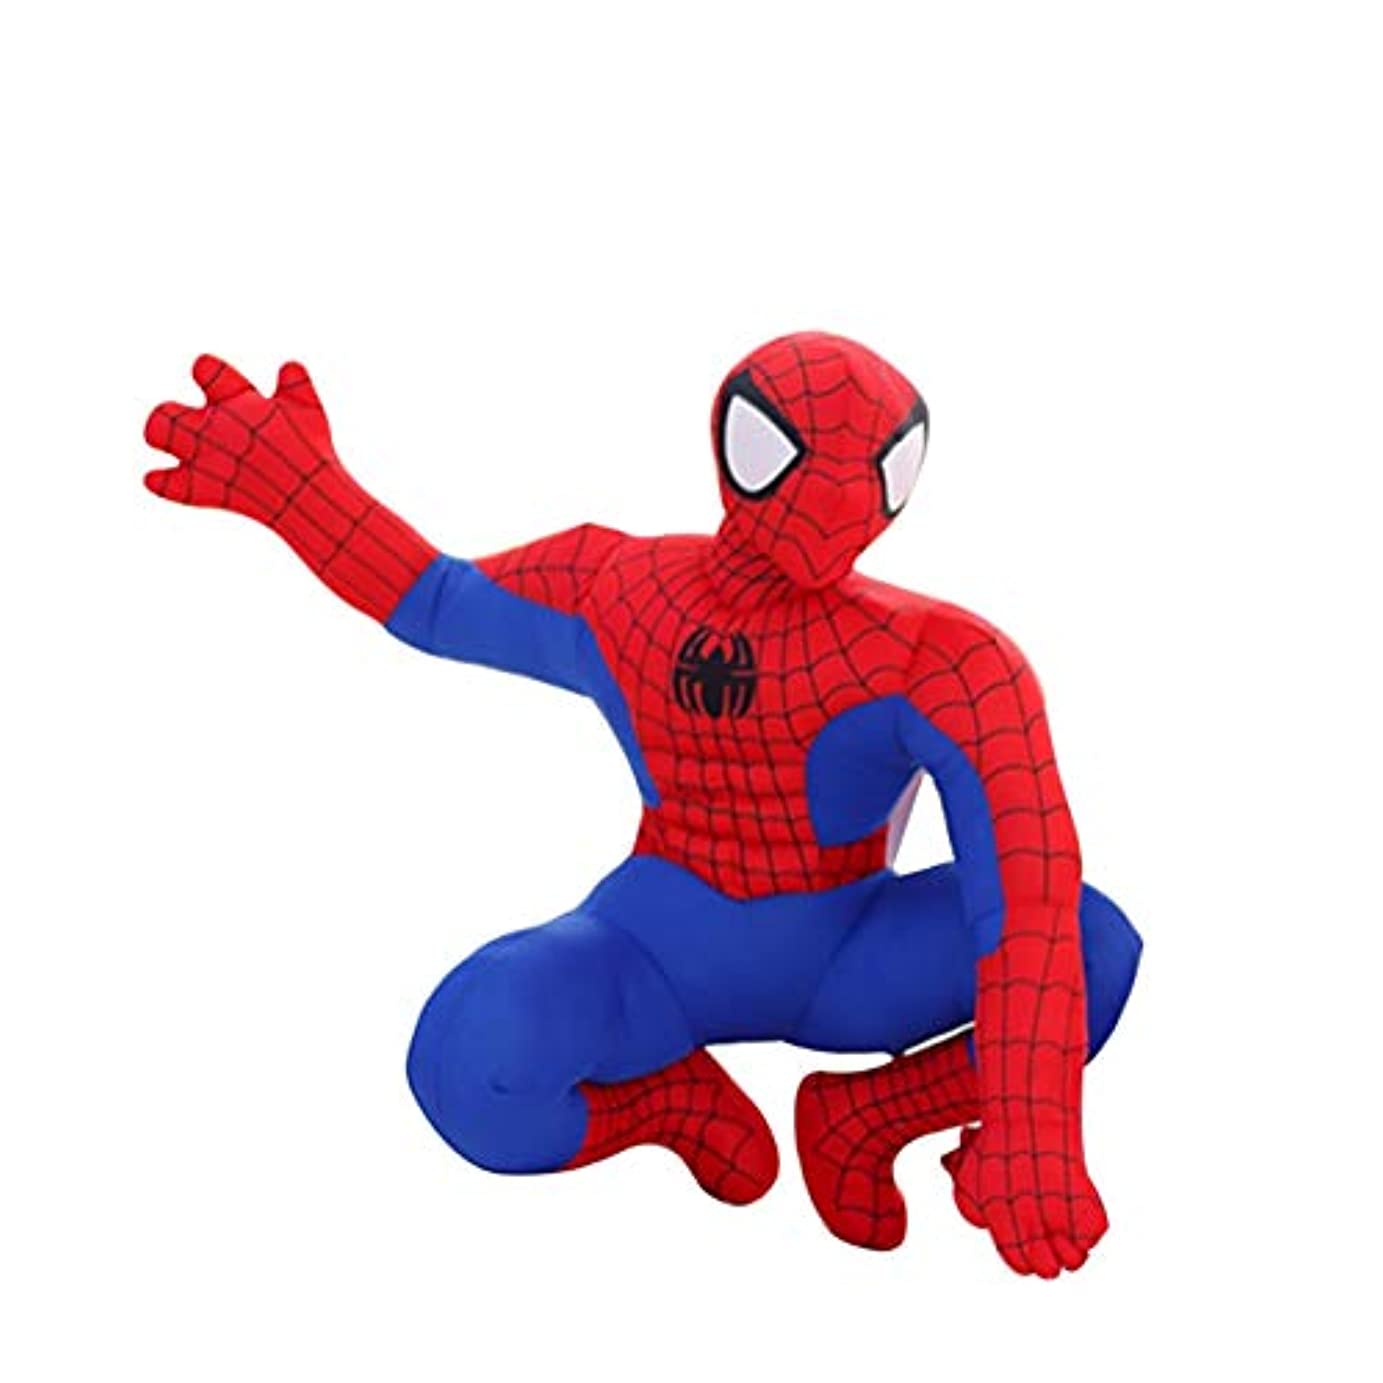 ペースパネル見えるぬいぐるみ 30センチスパイダーマンぬいぐるみアクションフィギュアコレクタブルモデルおもちゃ漫画スパイダーマンぬいぐるみ男の子キッズドール 抱き枕